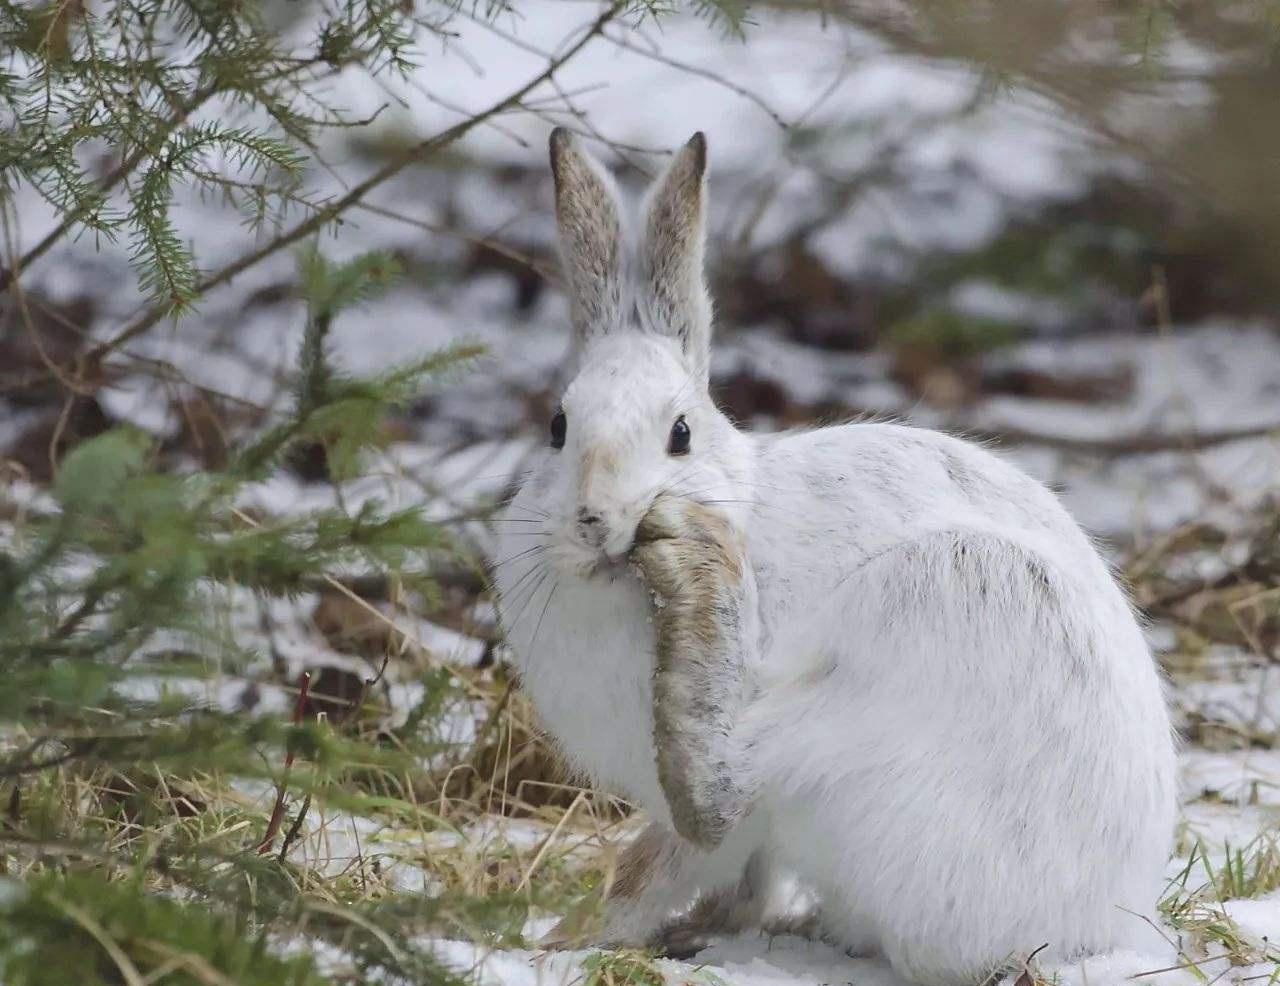 兔子軟萌的外表下,也有一顆吃肉的心,甚至會吃腐肉